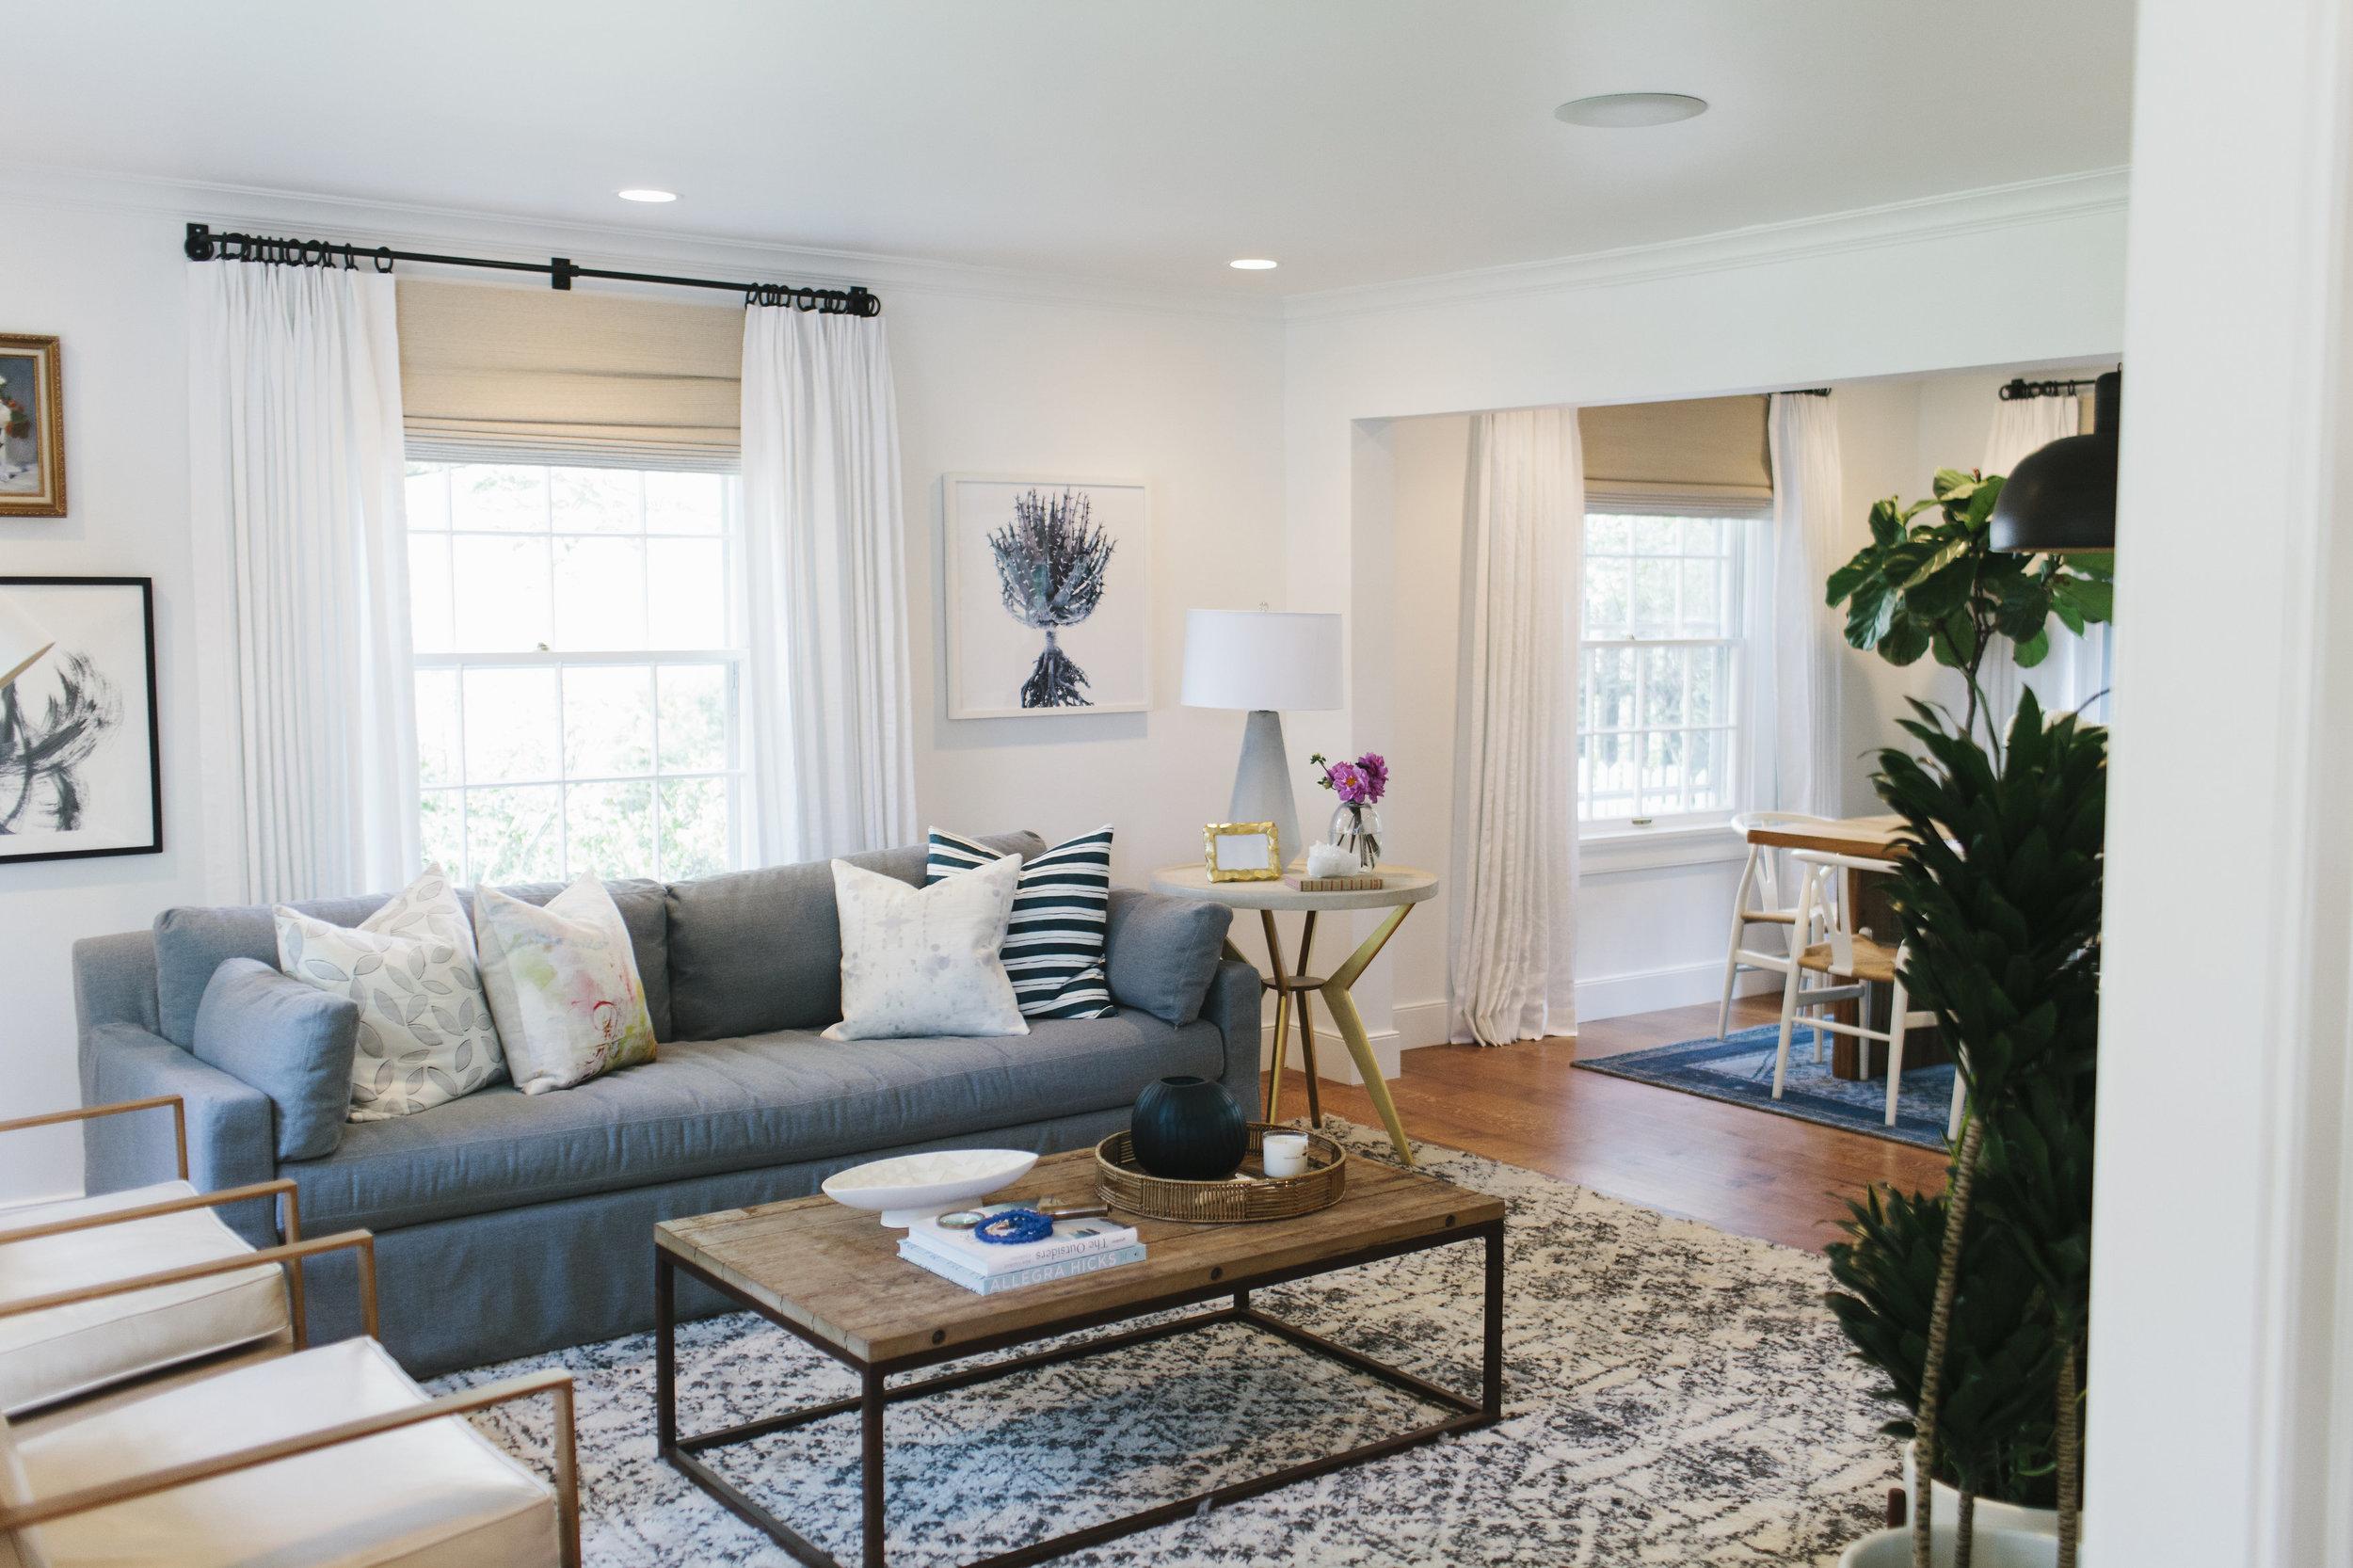 Studio McGee - Lynwood Remodel Living Room